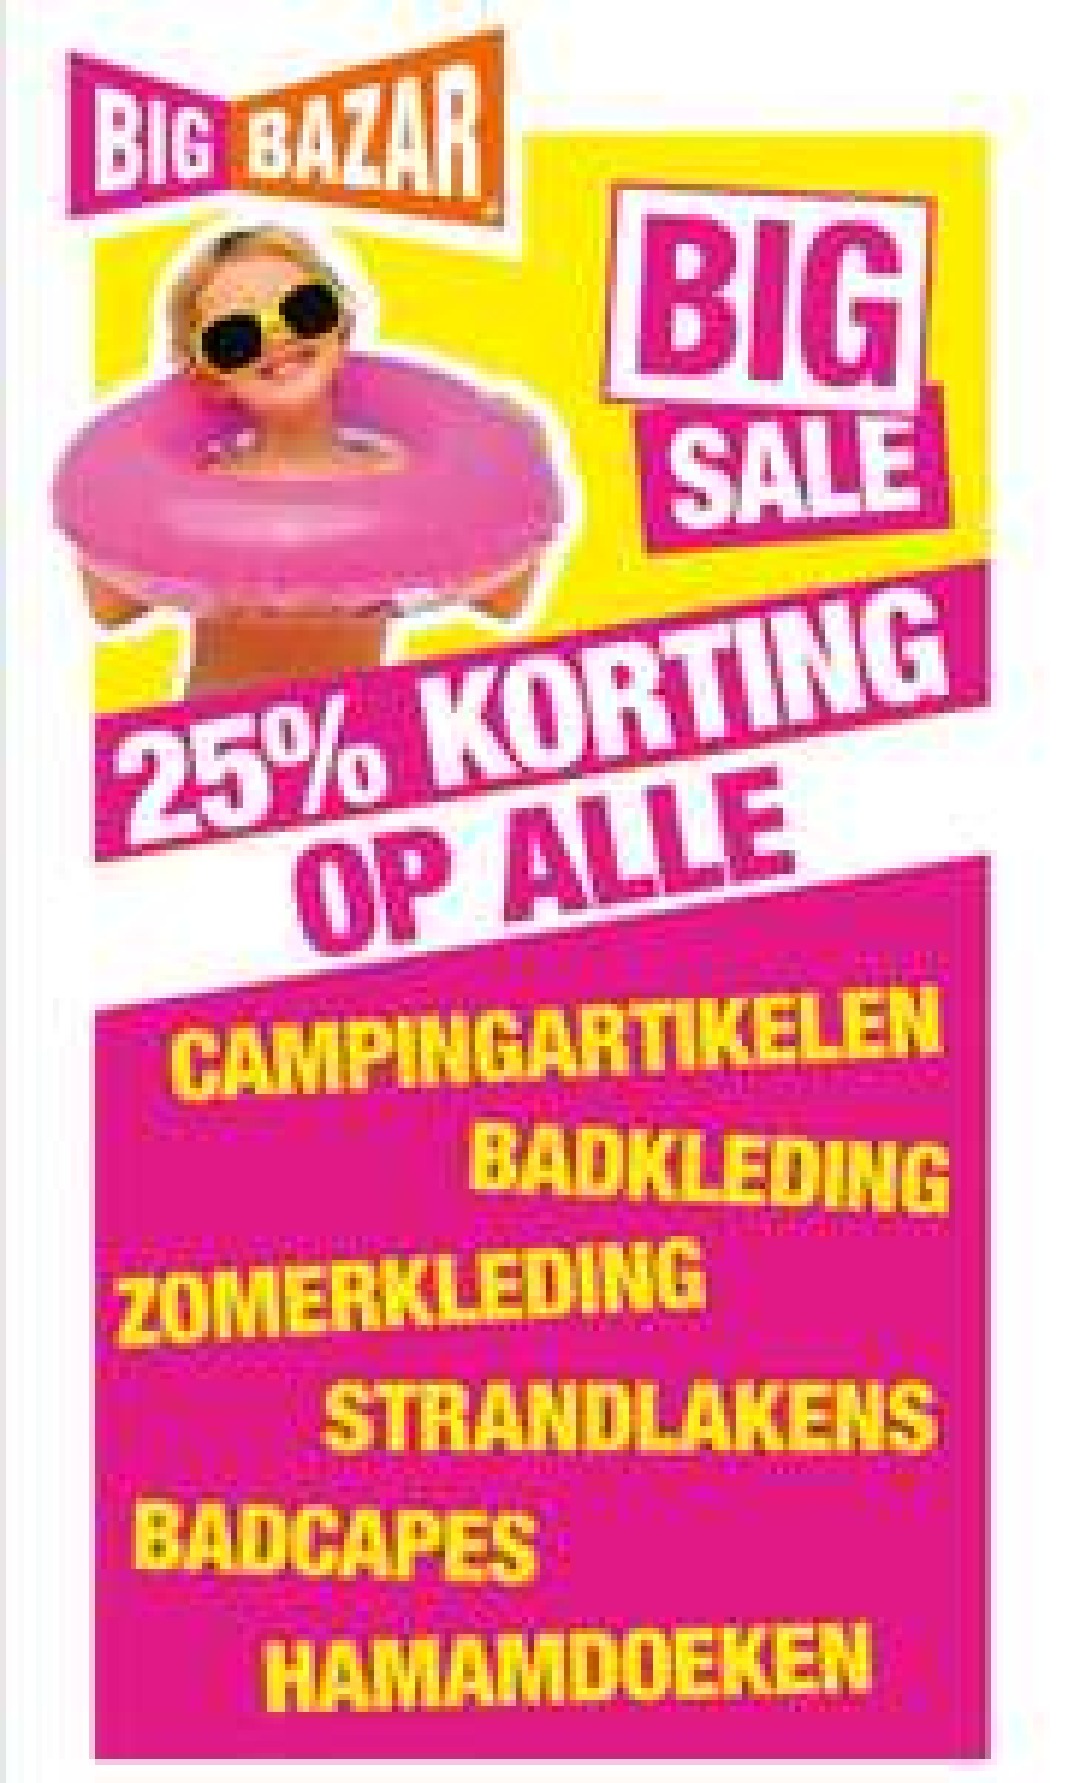 Big Sale! 25% korting op alle strand- en campingartikelen @ Big Bazar